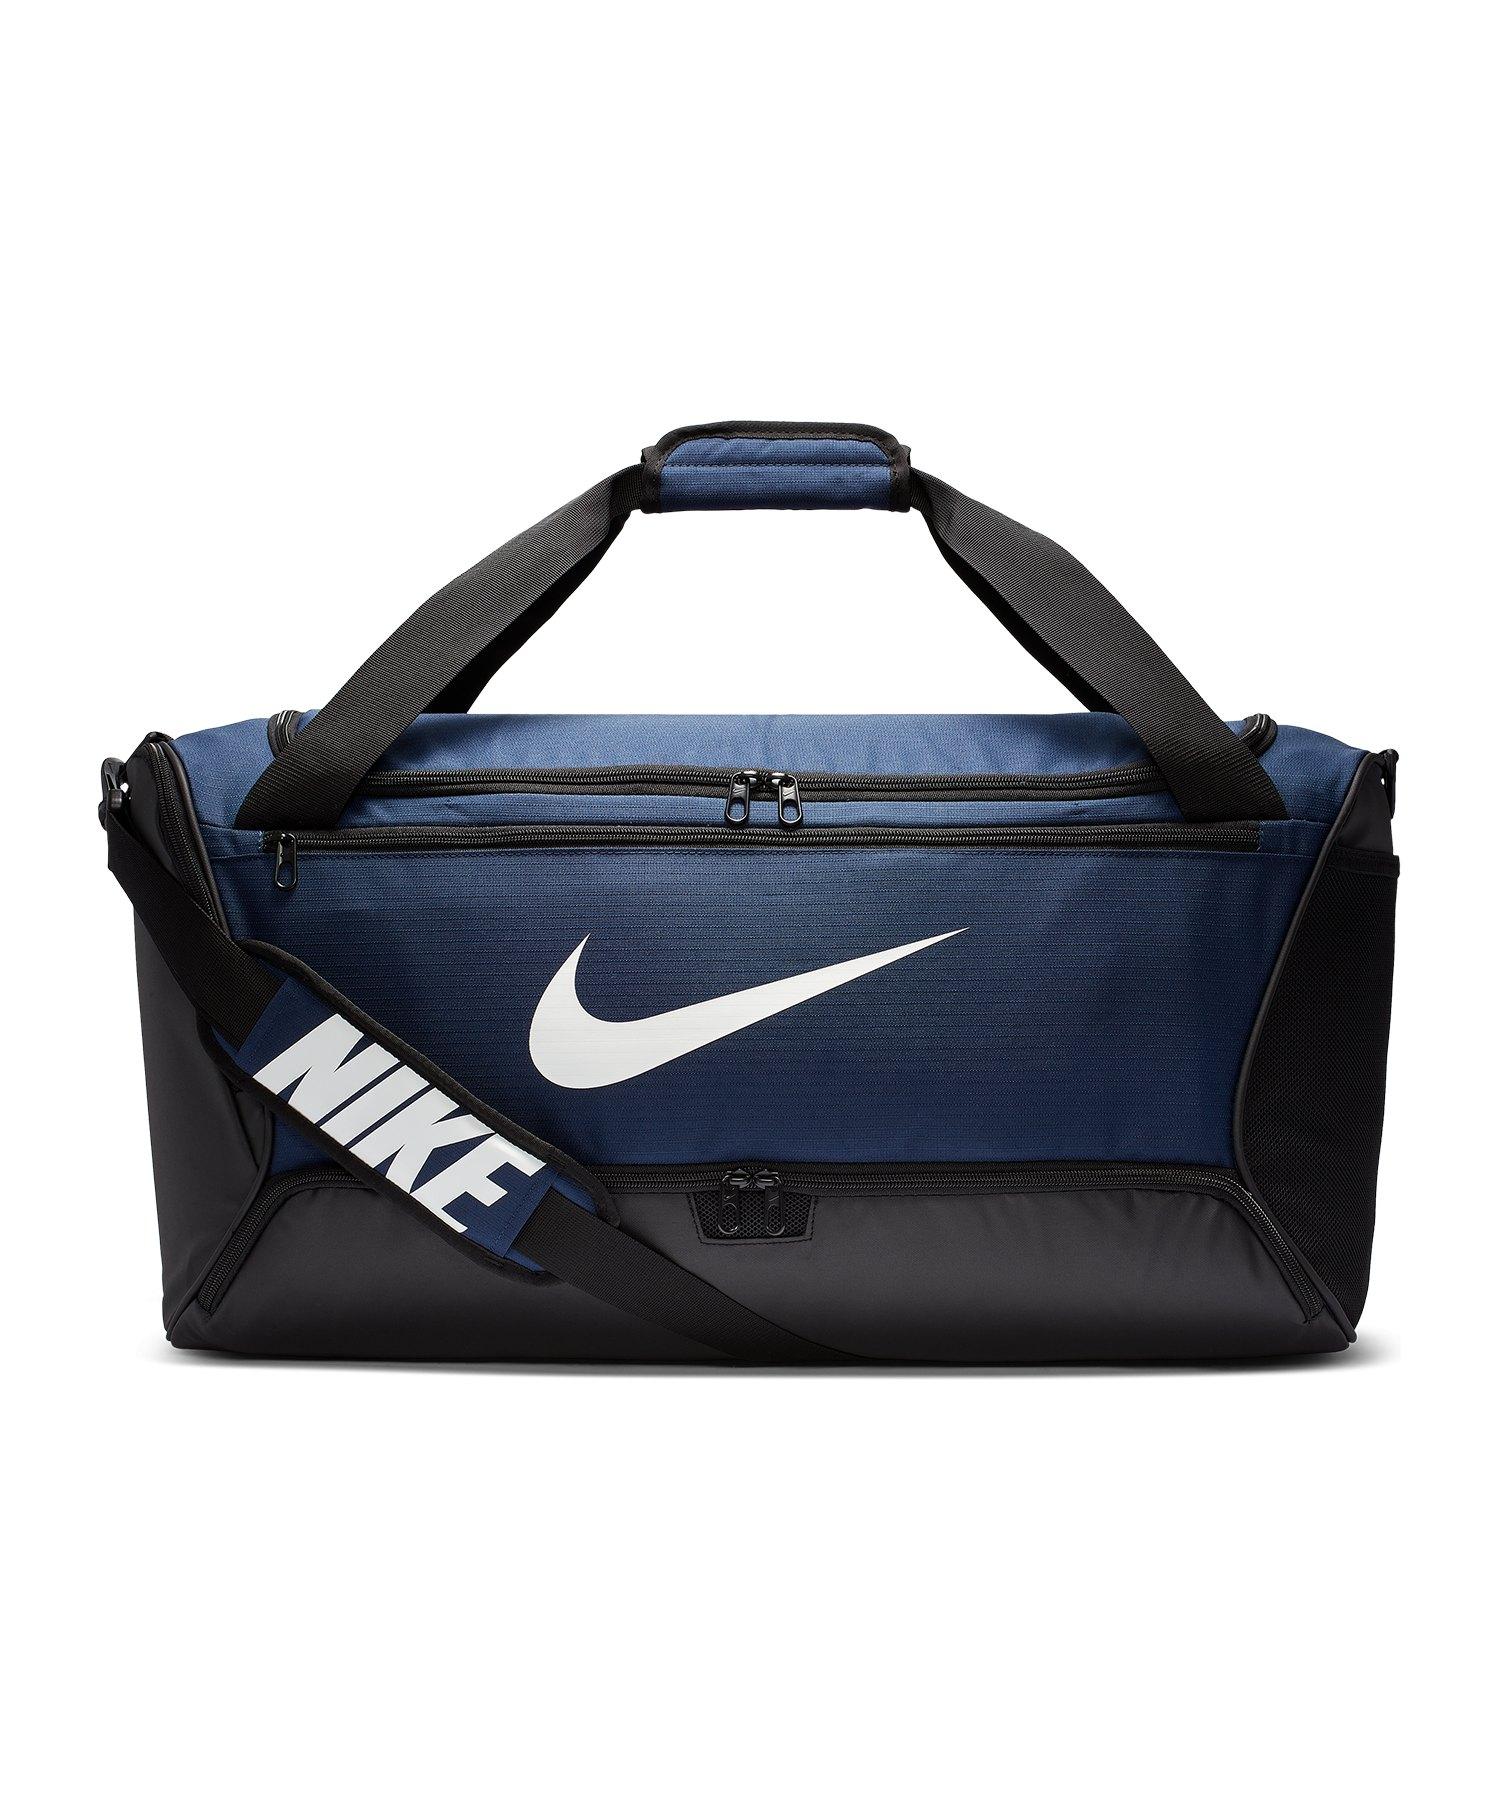 Nike Brasilia Duffel Bag Tasche Medium Blau F410 - blau